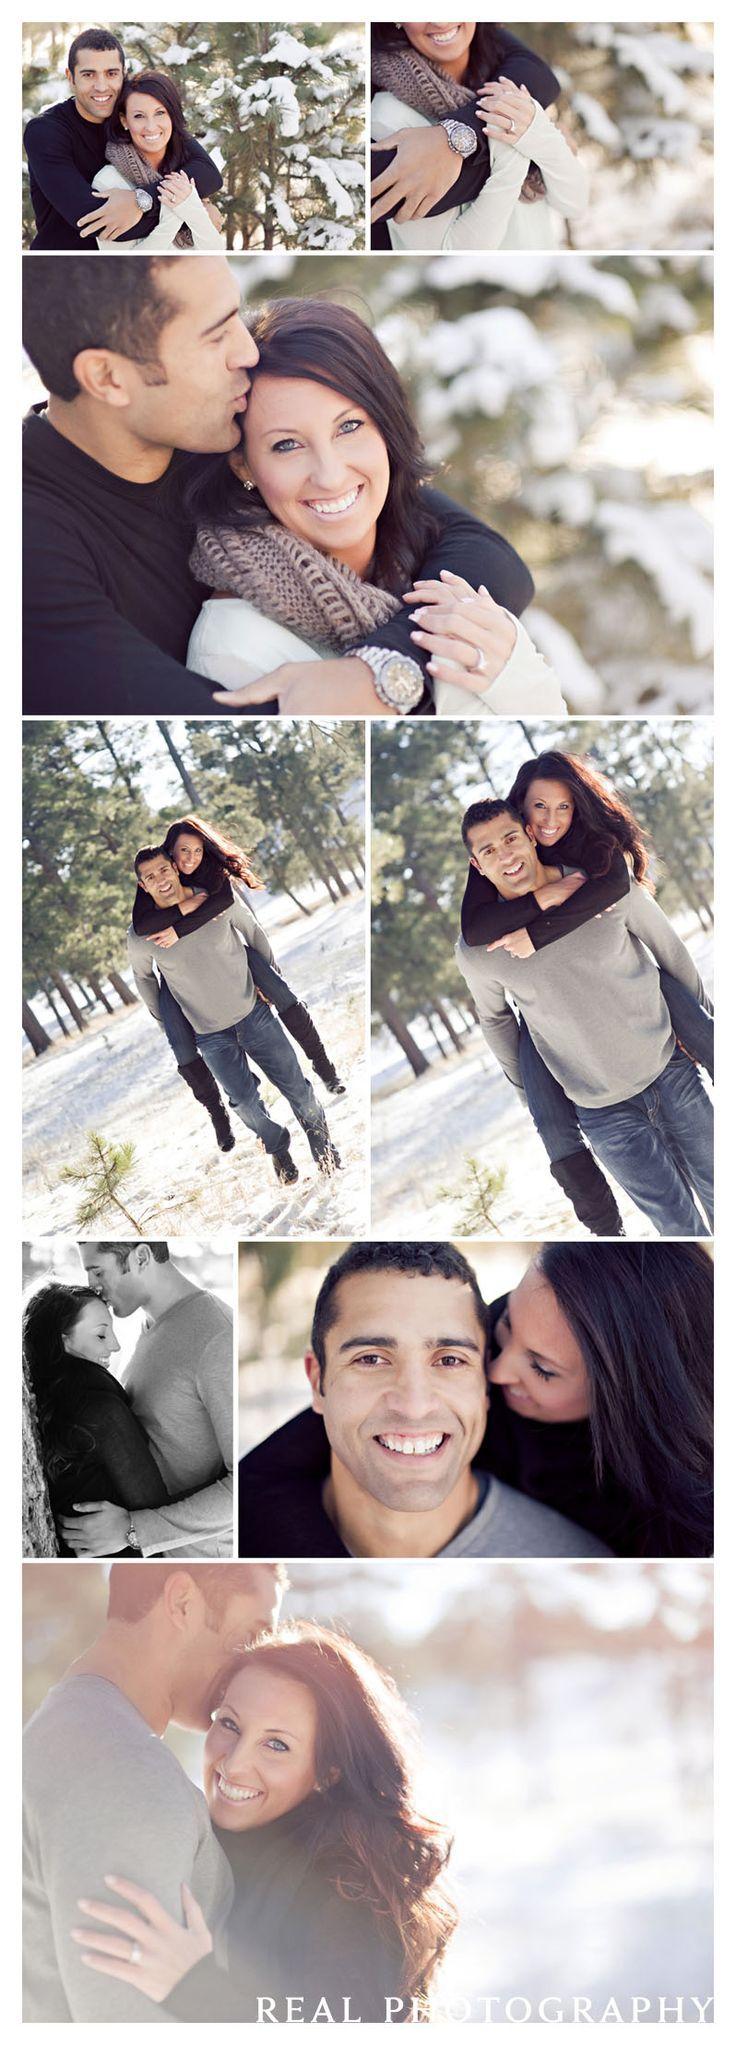 winter engagement portrait shoot